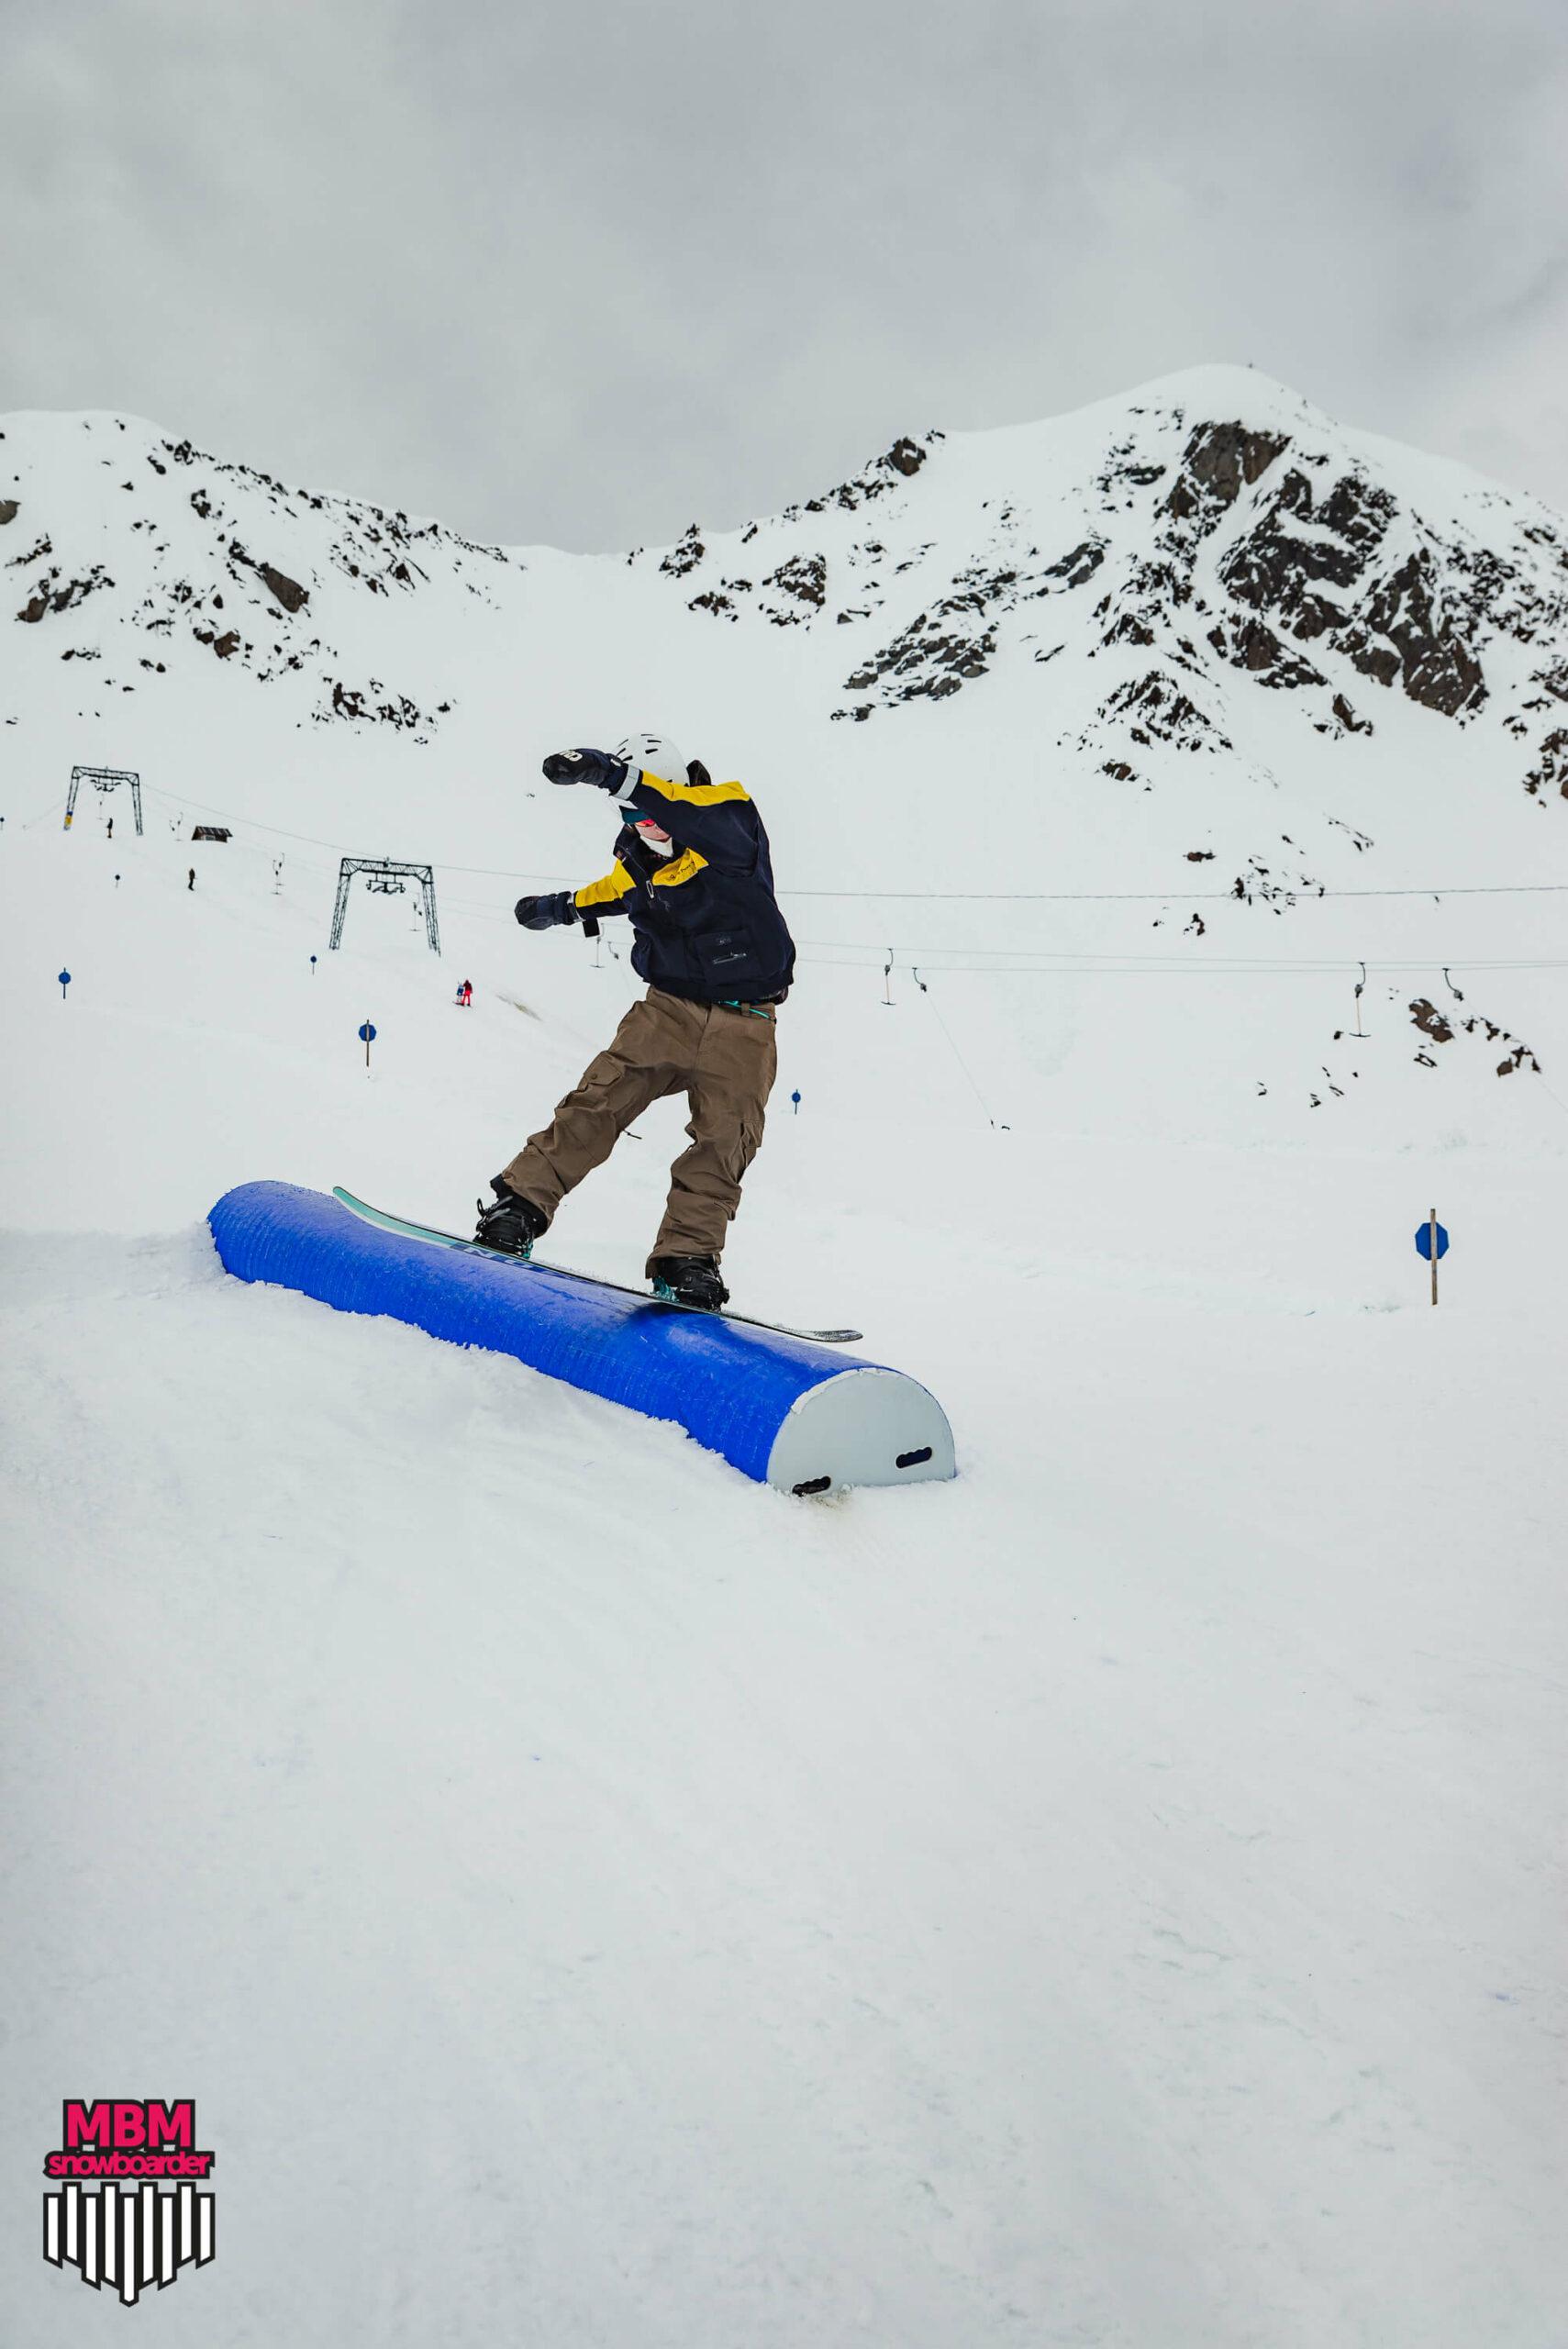 snowboarderMBM_sd_kaunertal_009